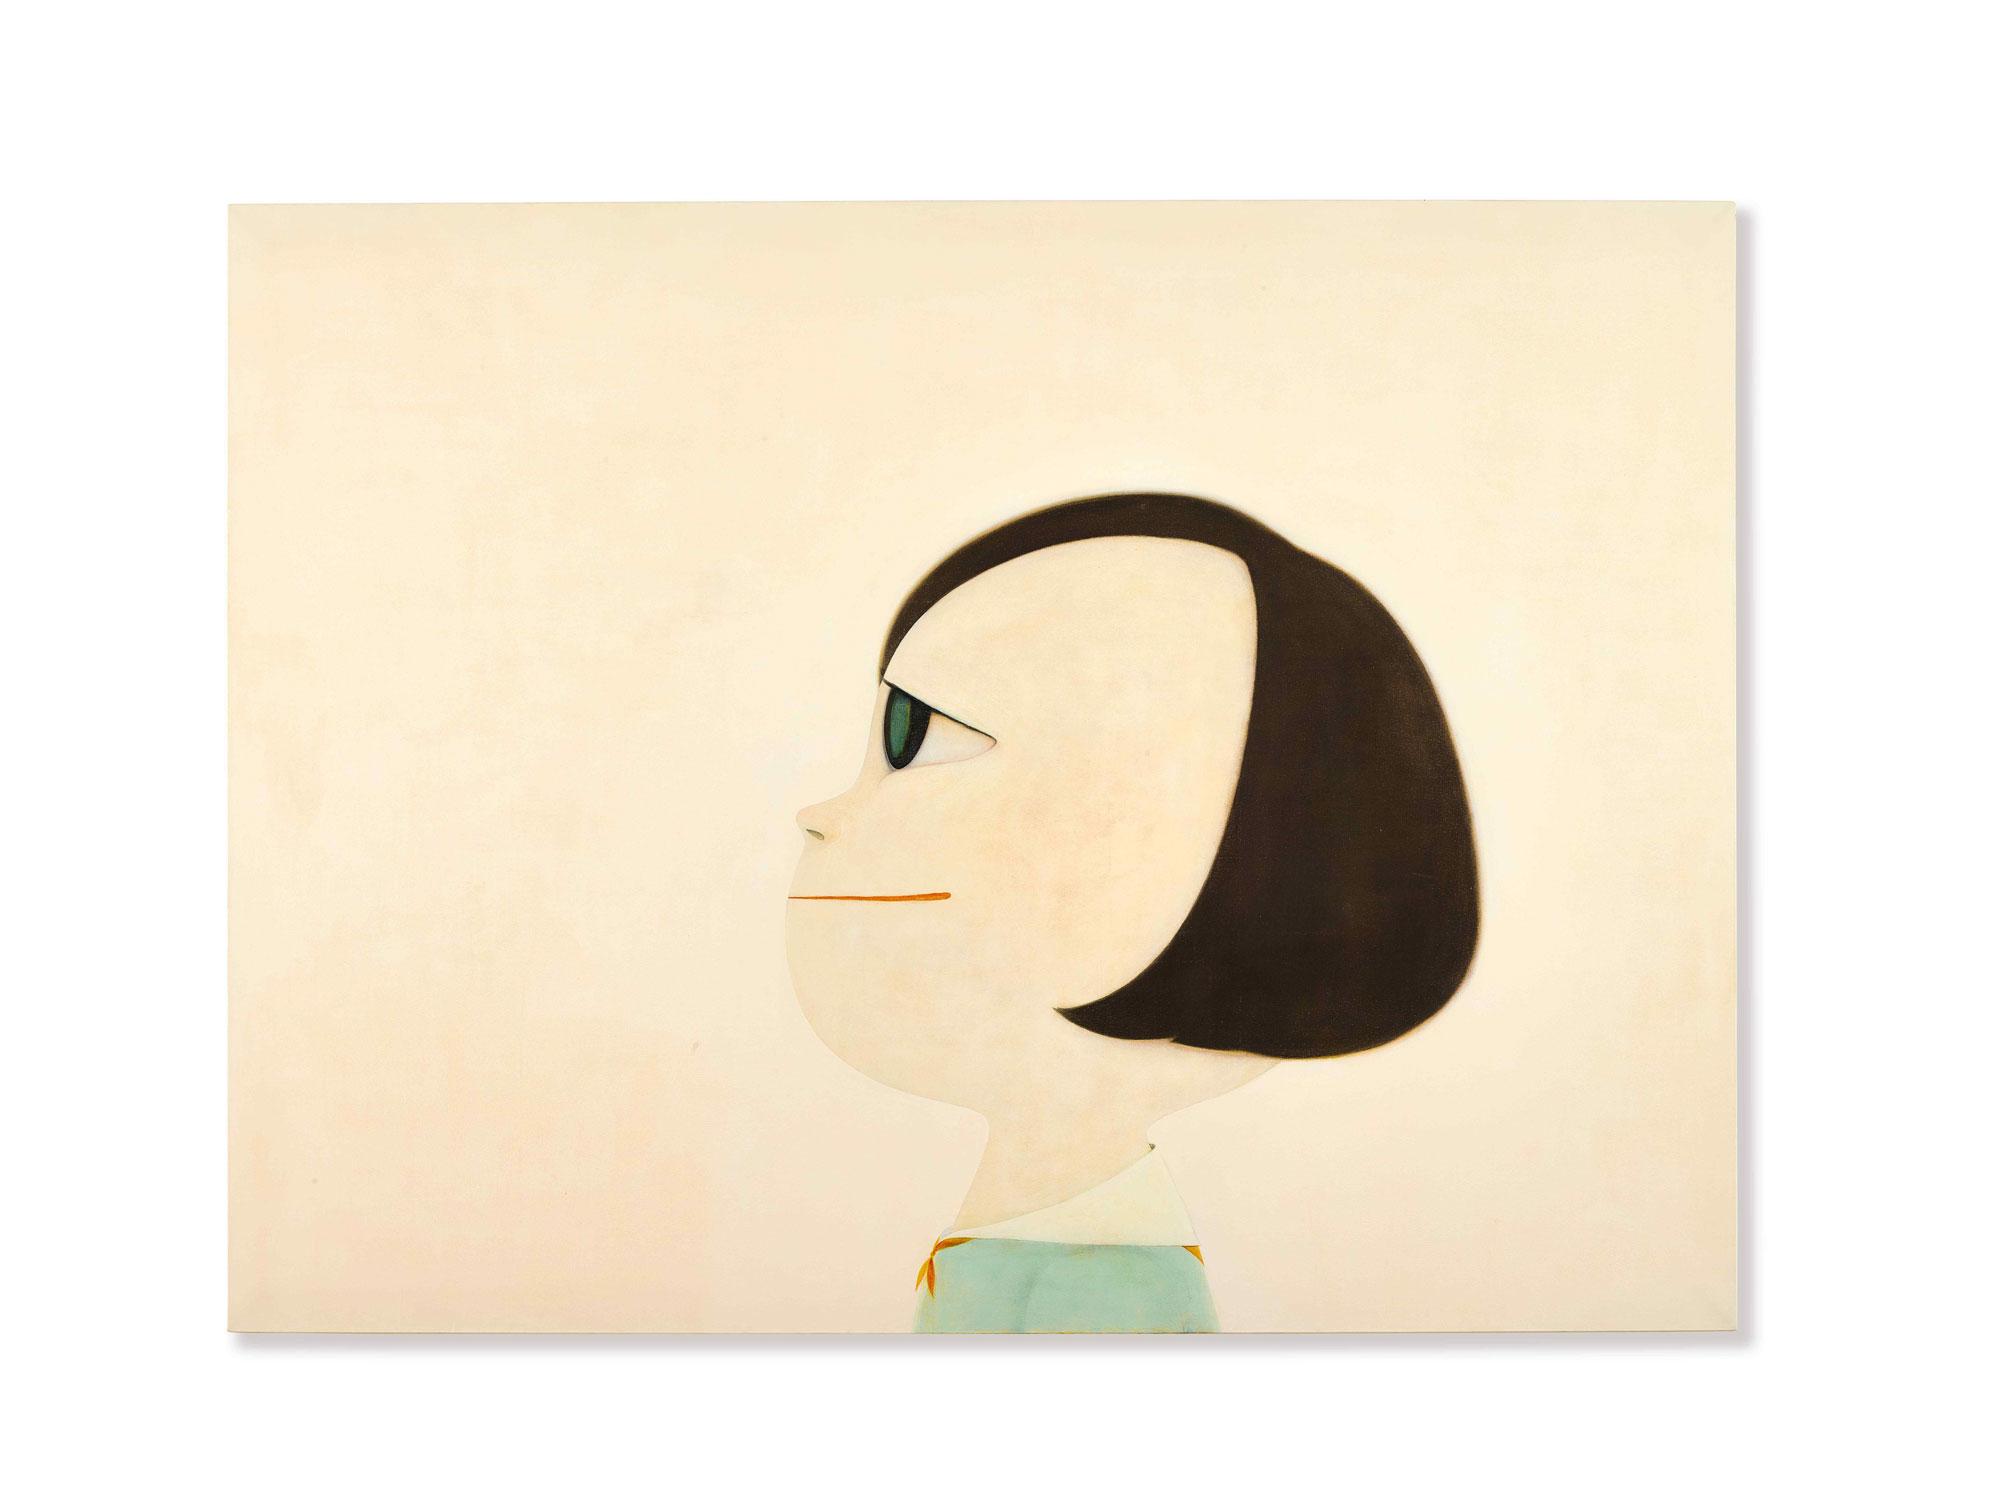 奈良美智《振作》 2001年作,壓克力畫布,193.5 x 259.3 公分